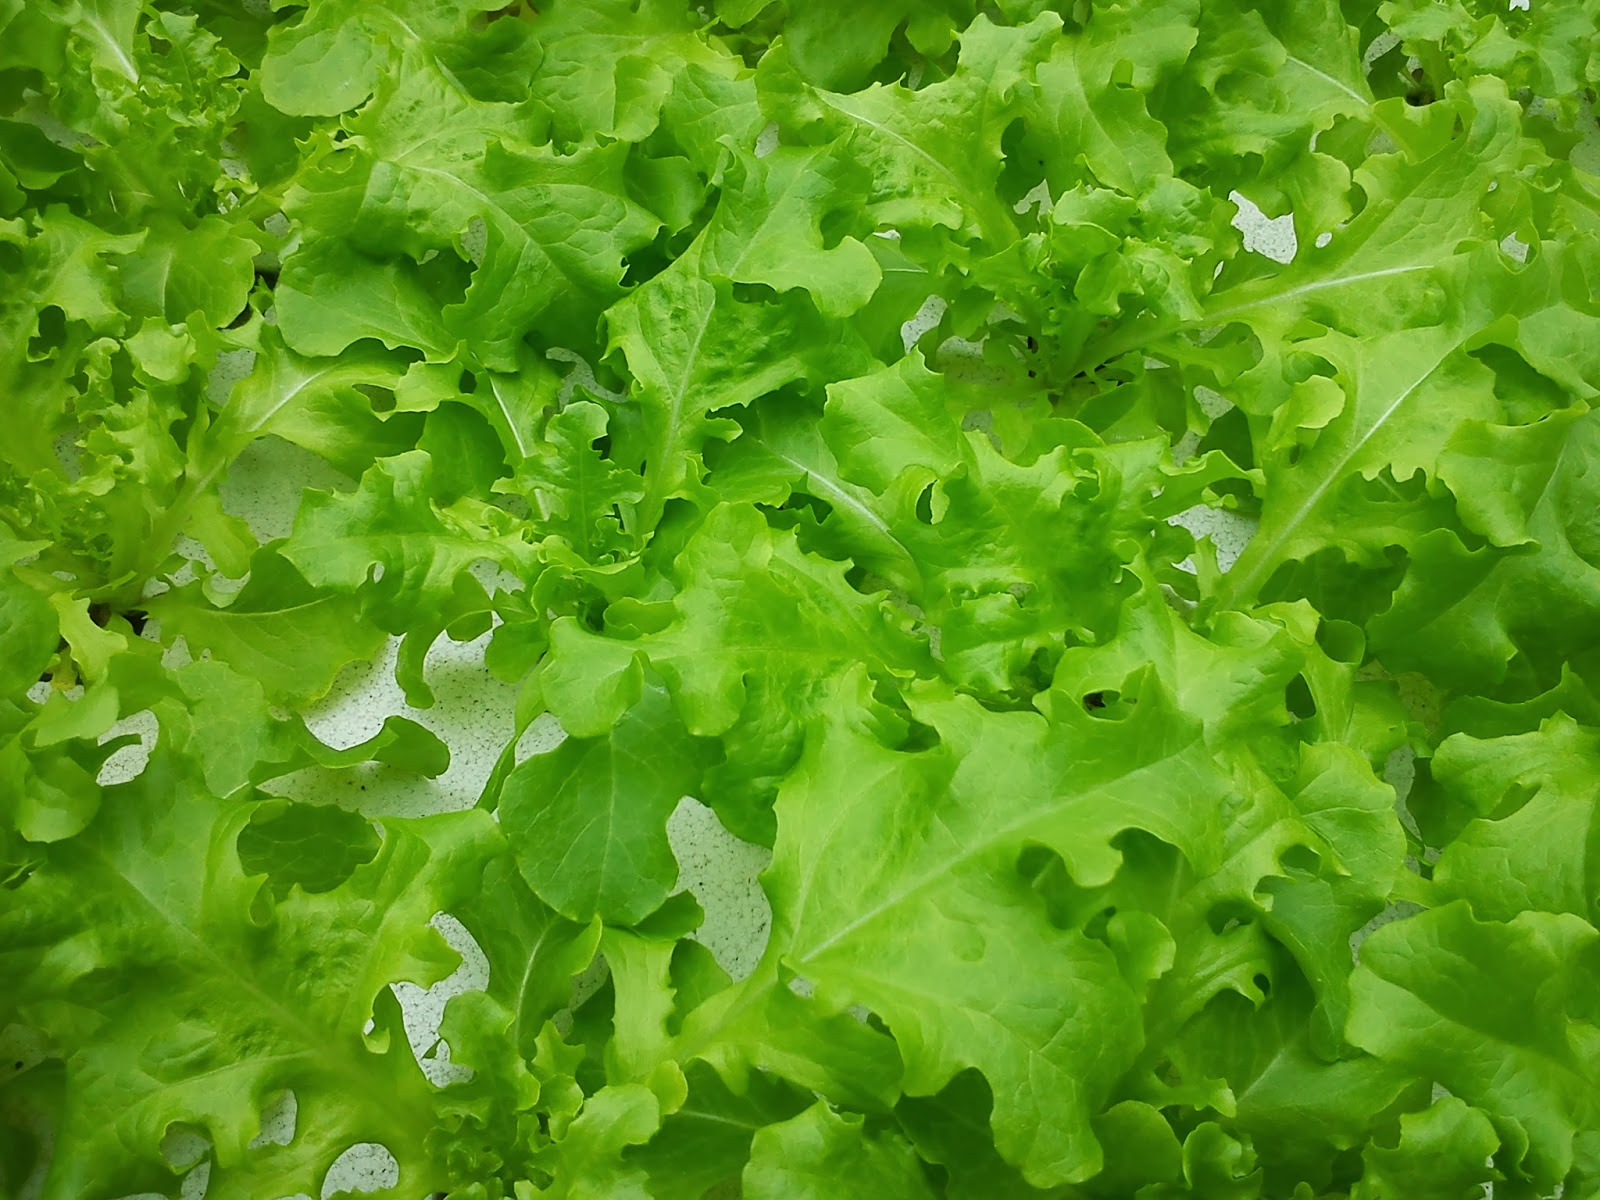 綠谷沙拉生菜園: 本期可收或生菜種類(20140218~20140318) 聯絡方式 e-mail: josephlwc@gmail.com mobile:0988515181